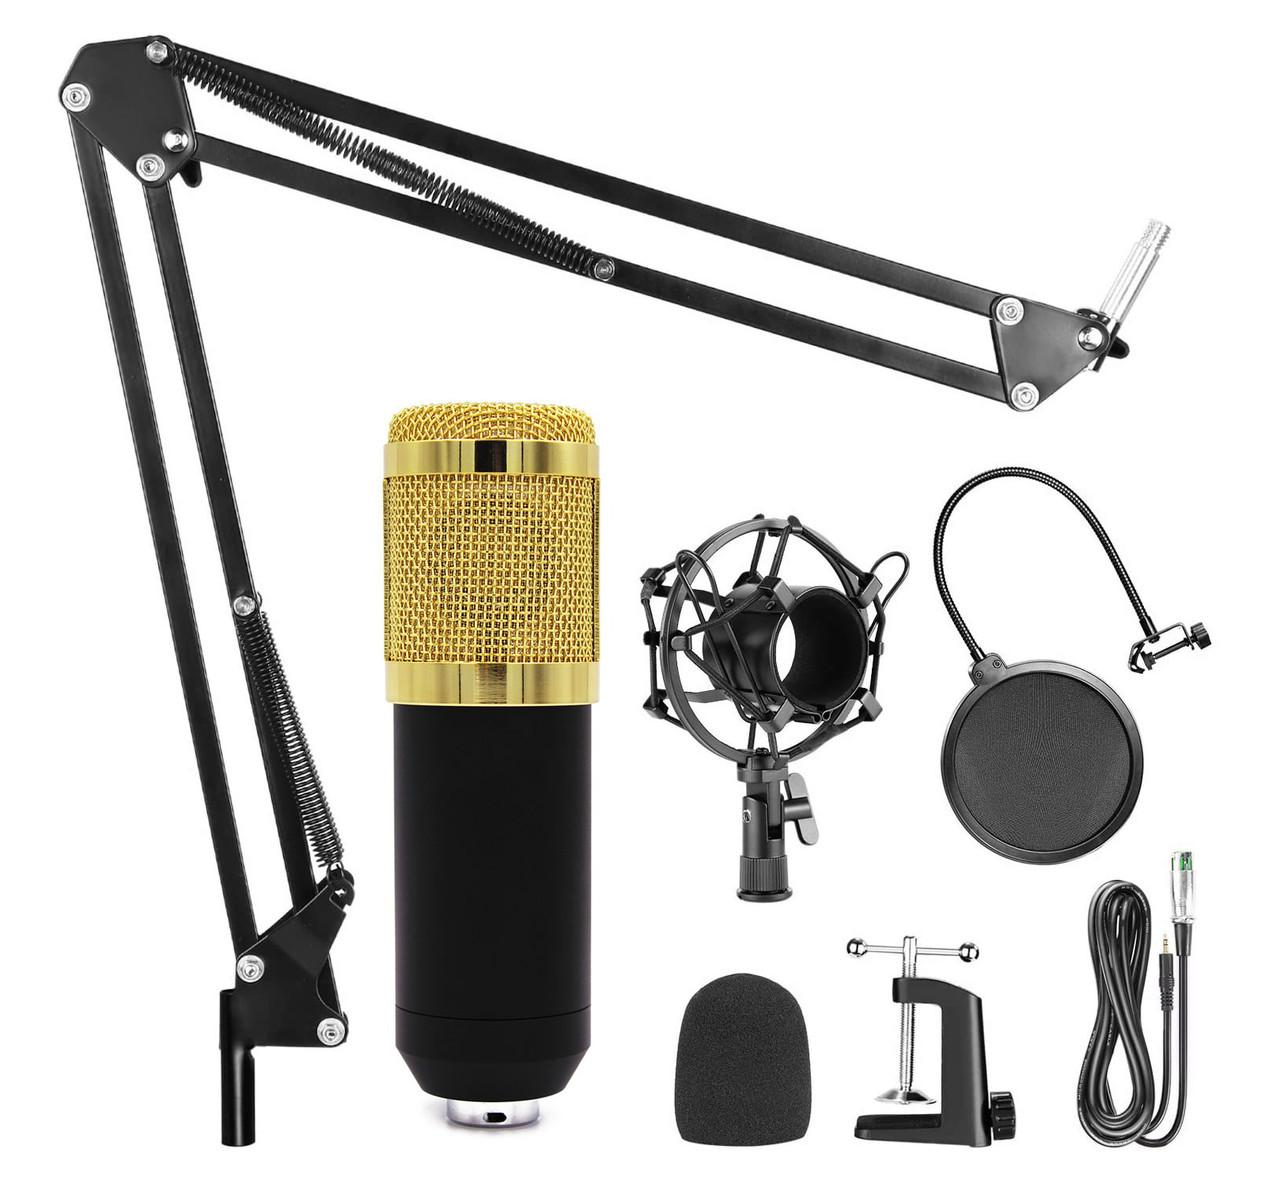 Студійний мікрофон для блогера M 800 V8 BT, мікрофон для запису | блогерский микрофон для записи подкастов